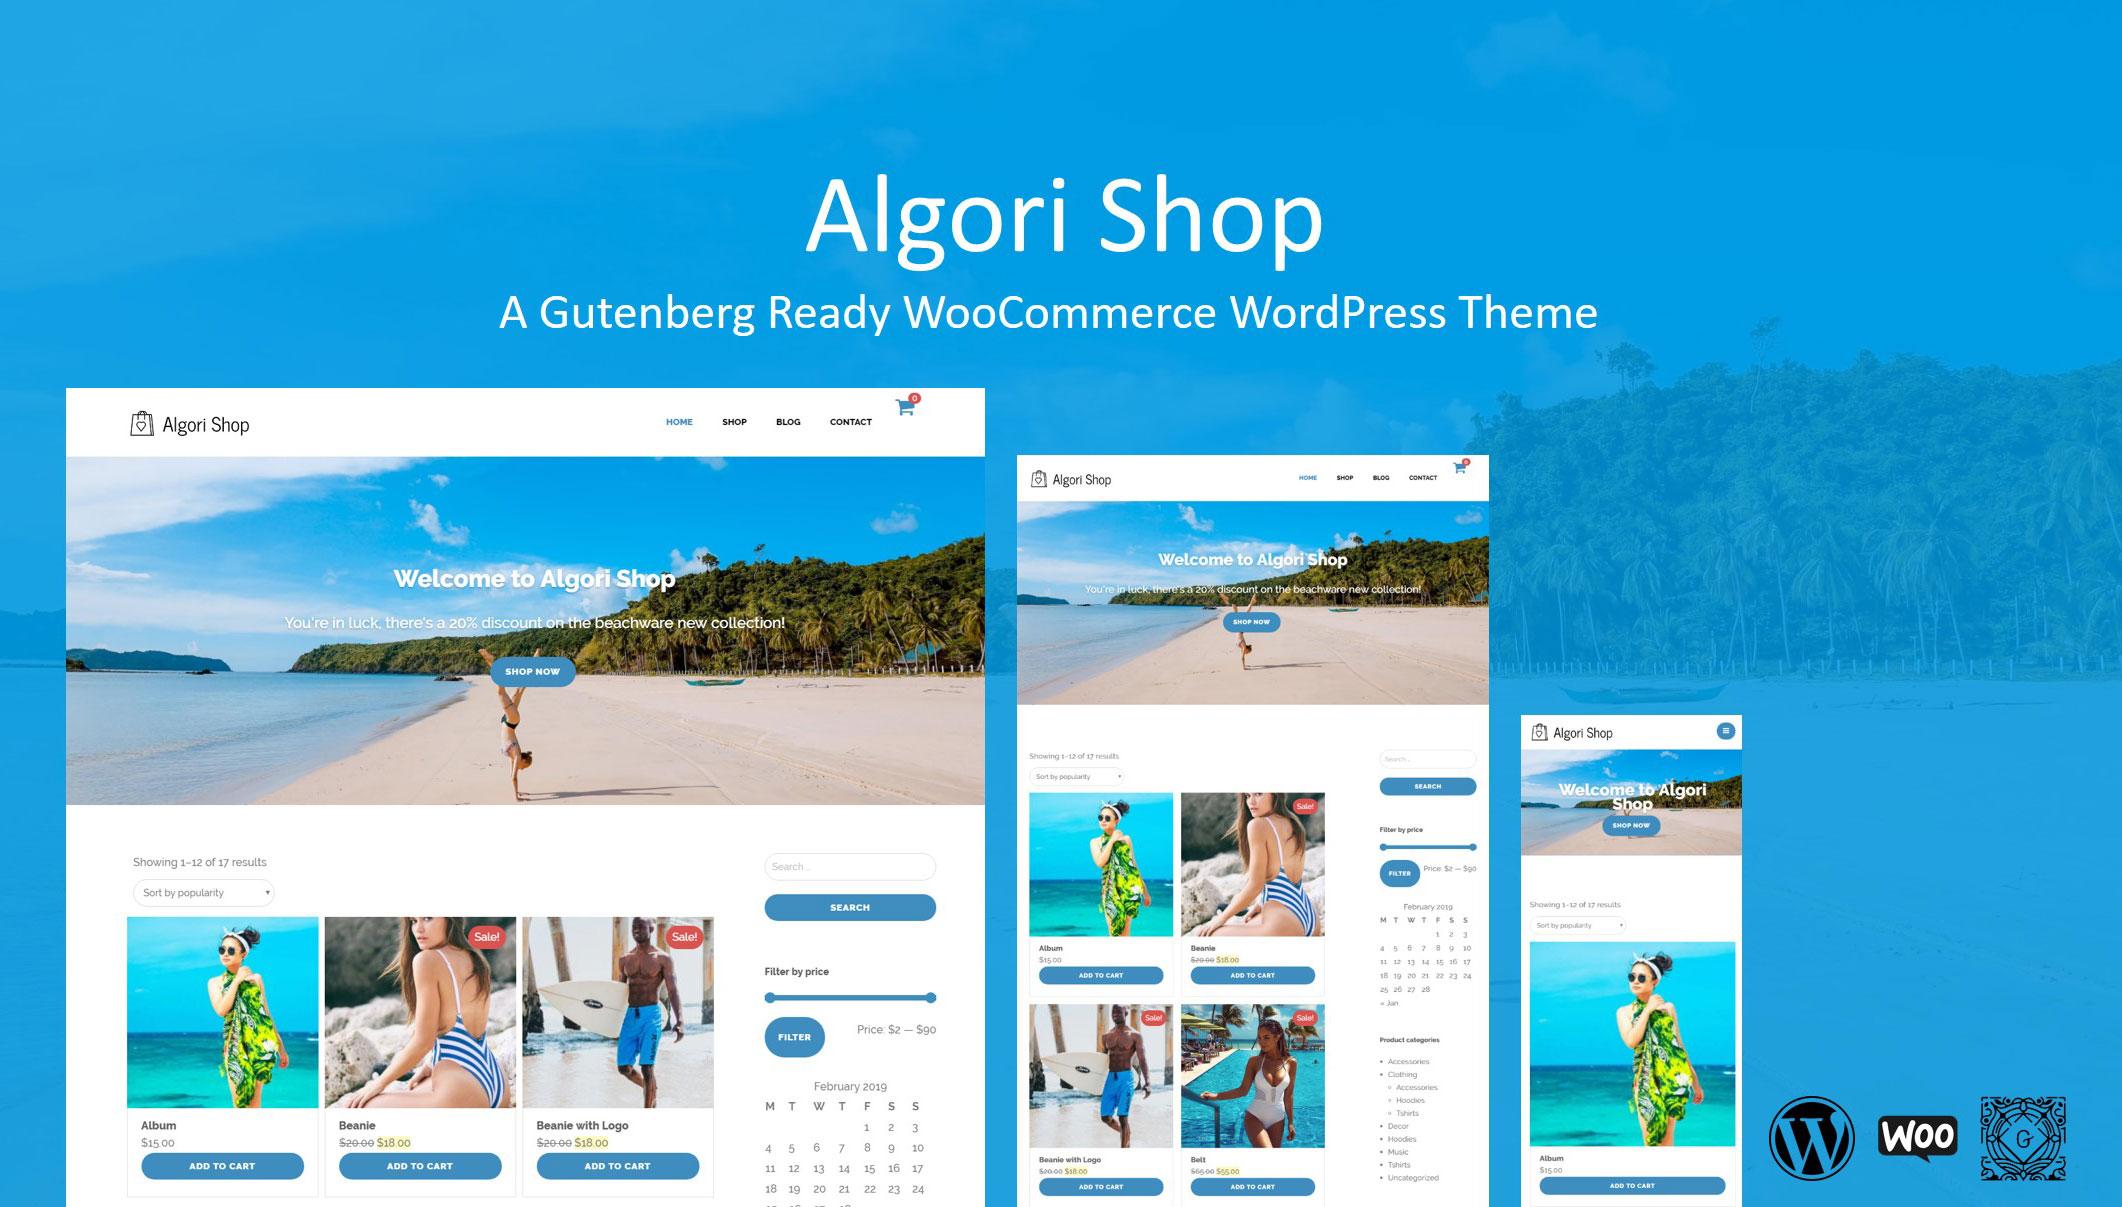 Algori Shop Gutenberg Ready WooCommerce WordPress Theme